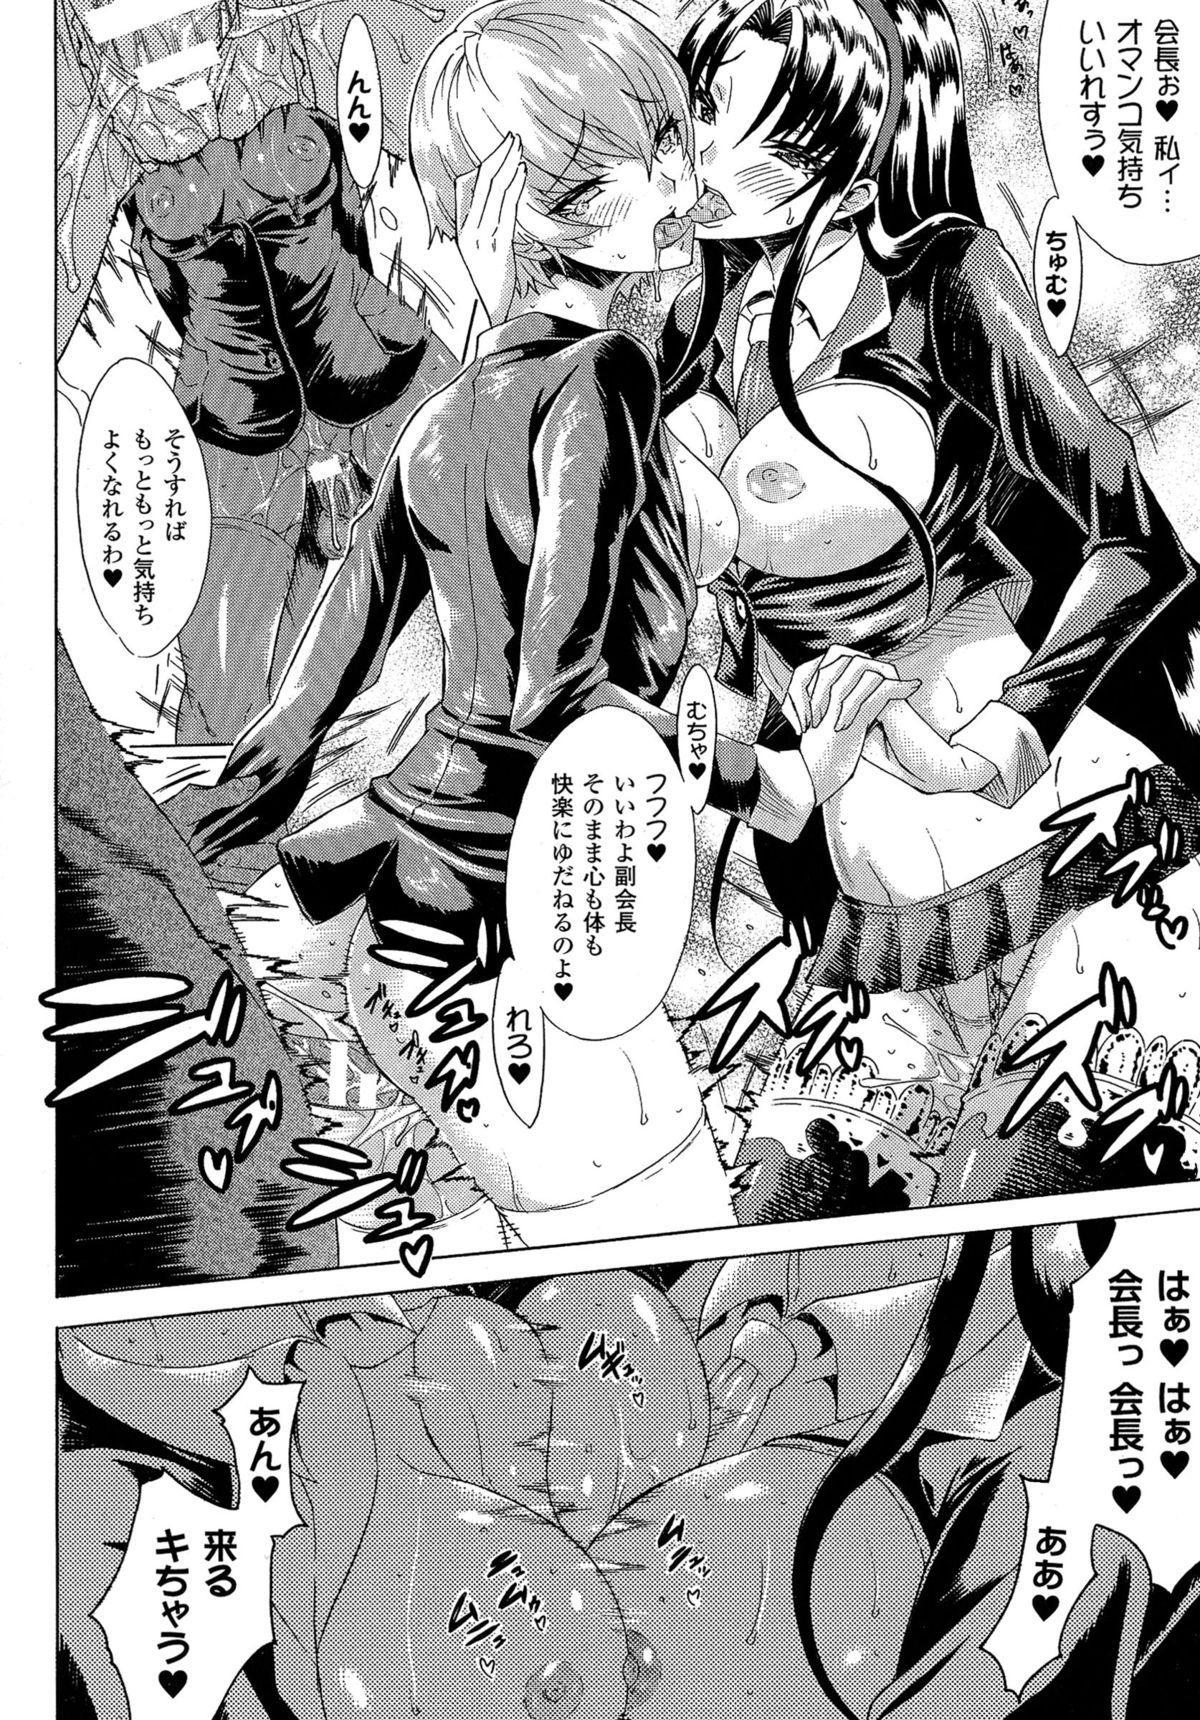 Kachiki na Onna ga Buzama na Ahegao o Sarasu made 61